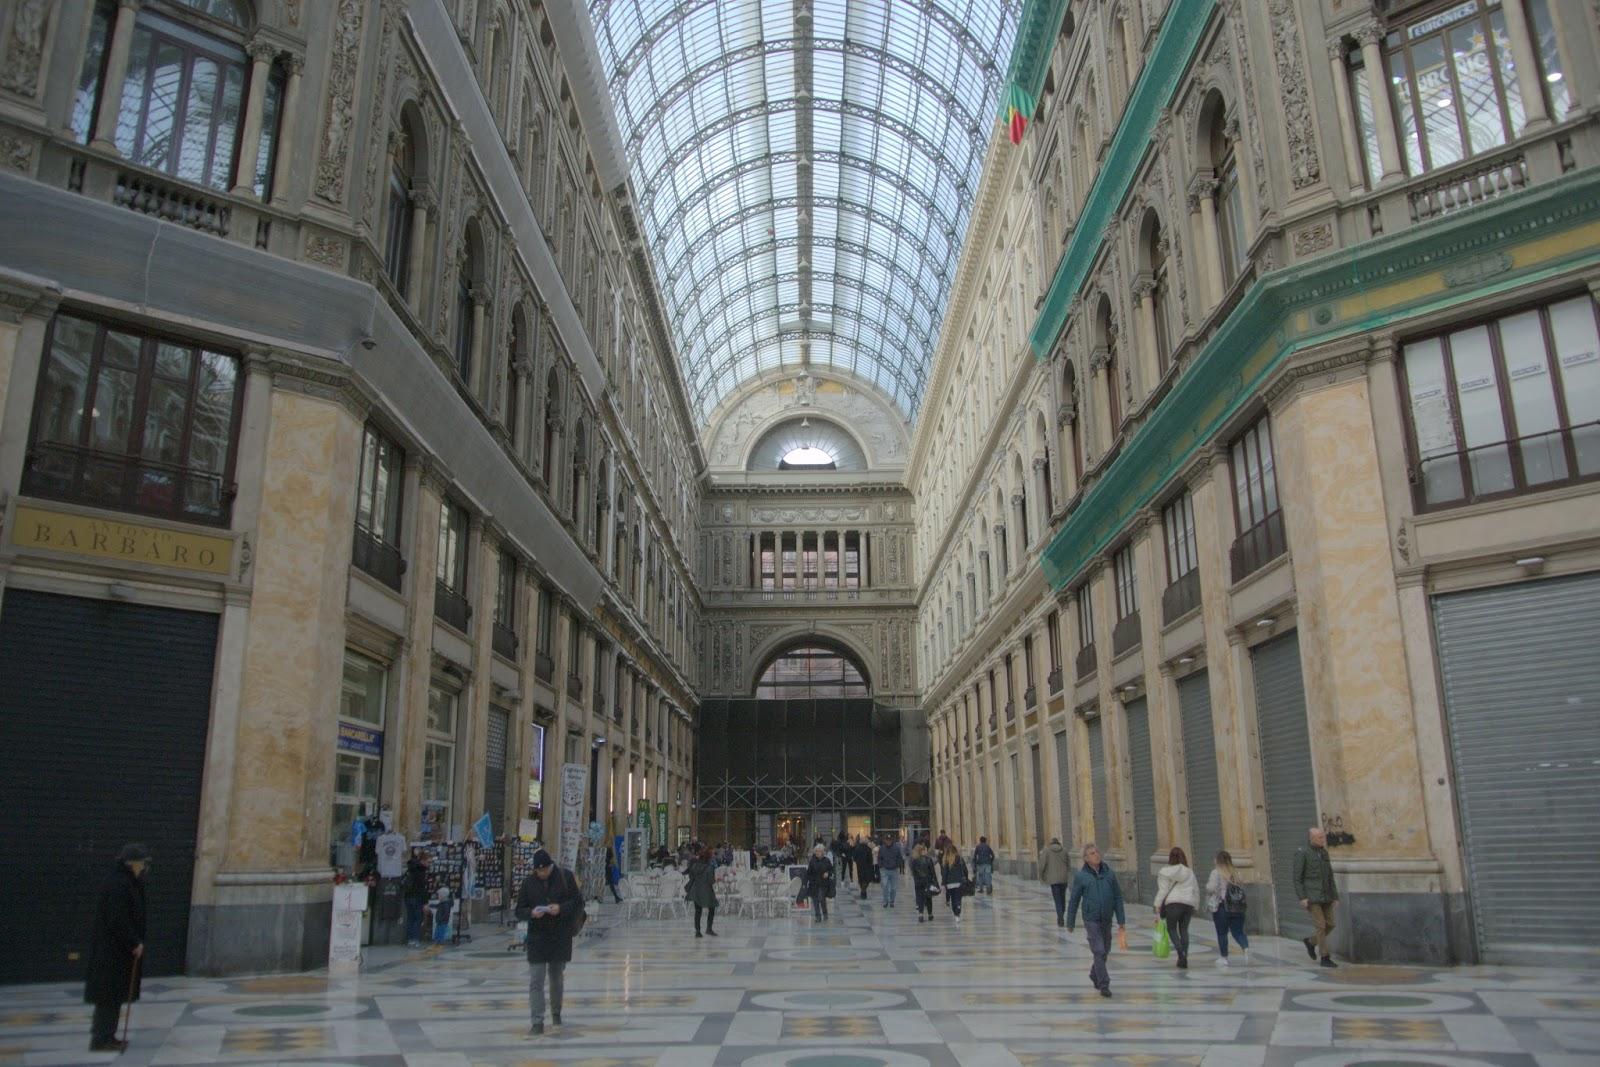 galeria Umberto Neapol, jak zwiedzać?